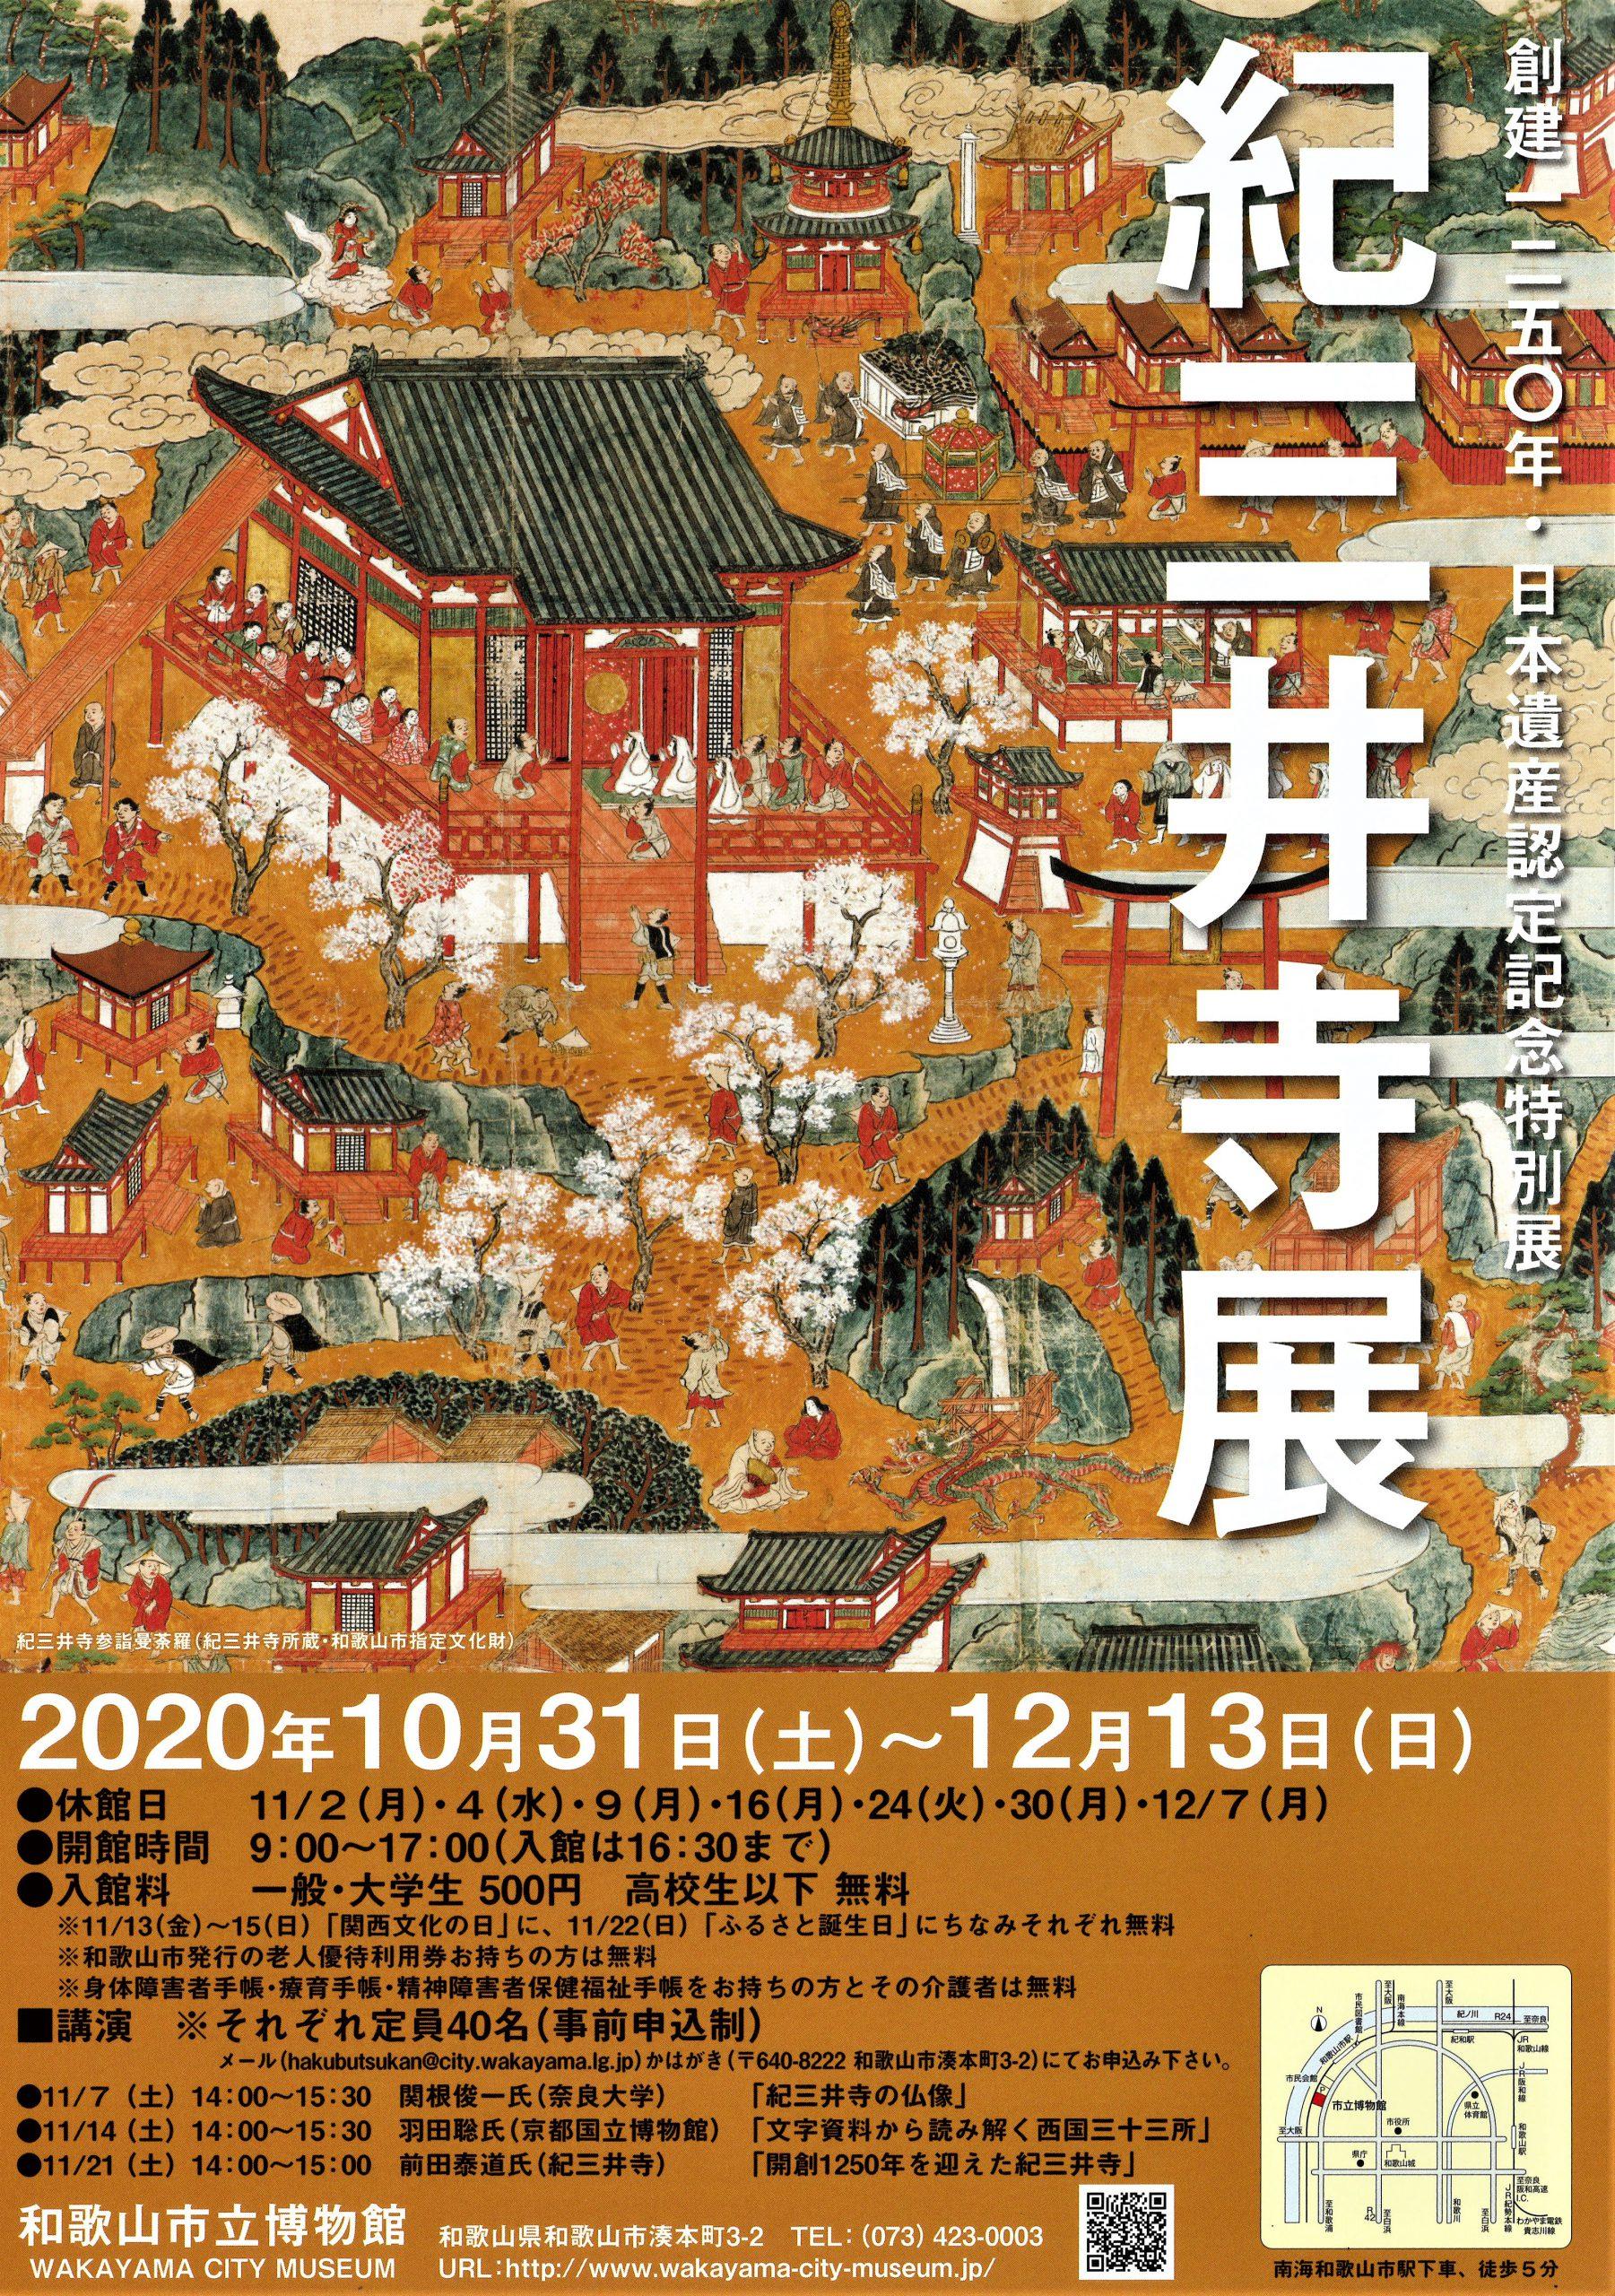 和歌山市立博物館にて『紀三井寺展』開催